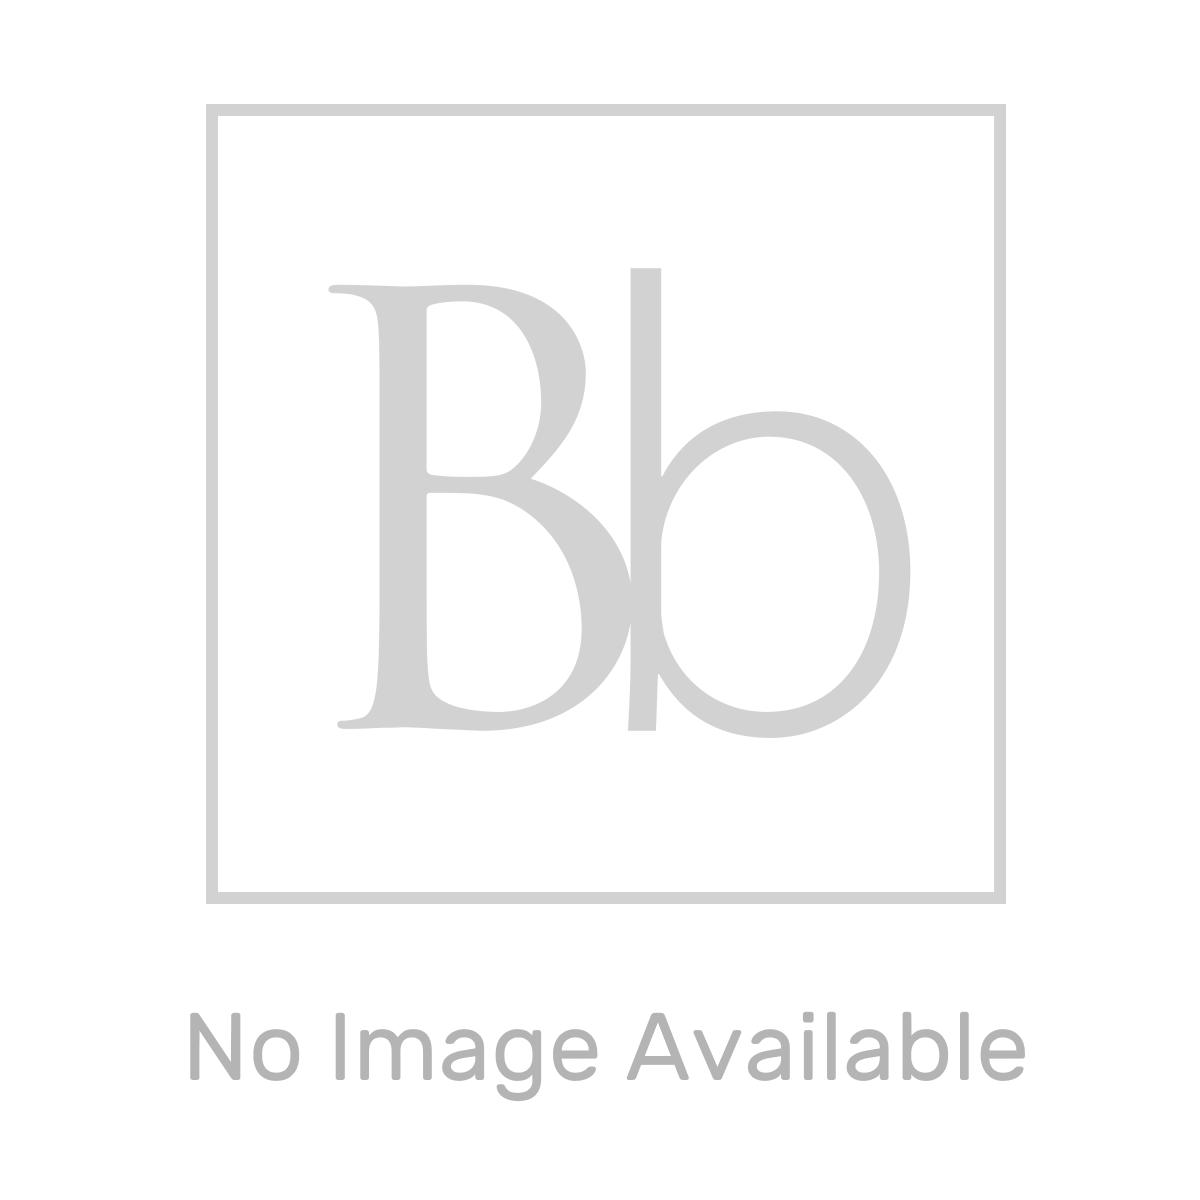 Frontline Aquaglass Purity Bi-Fold Shower Door with Optional Side Panel